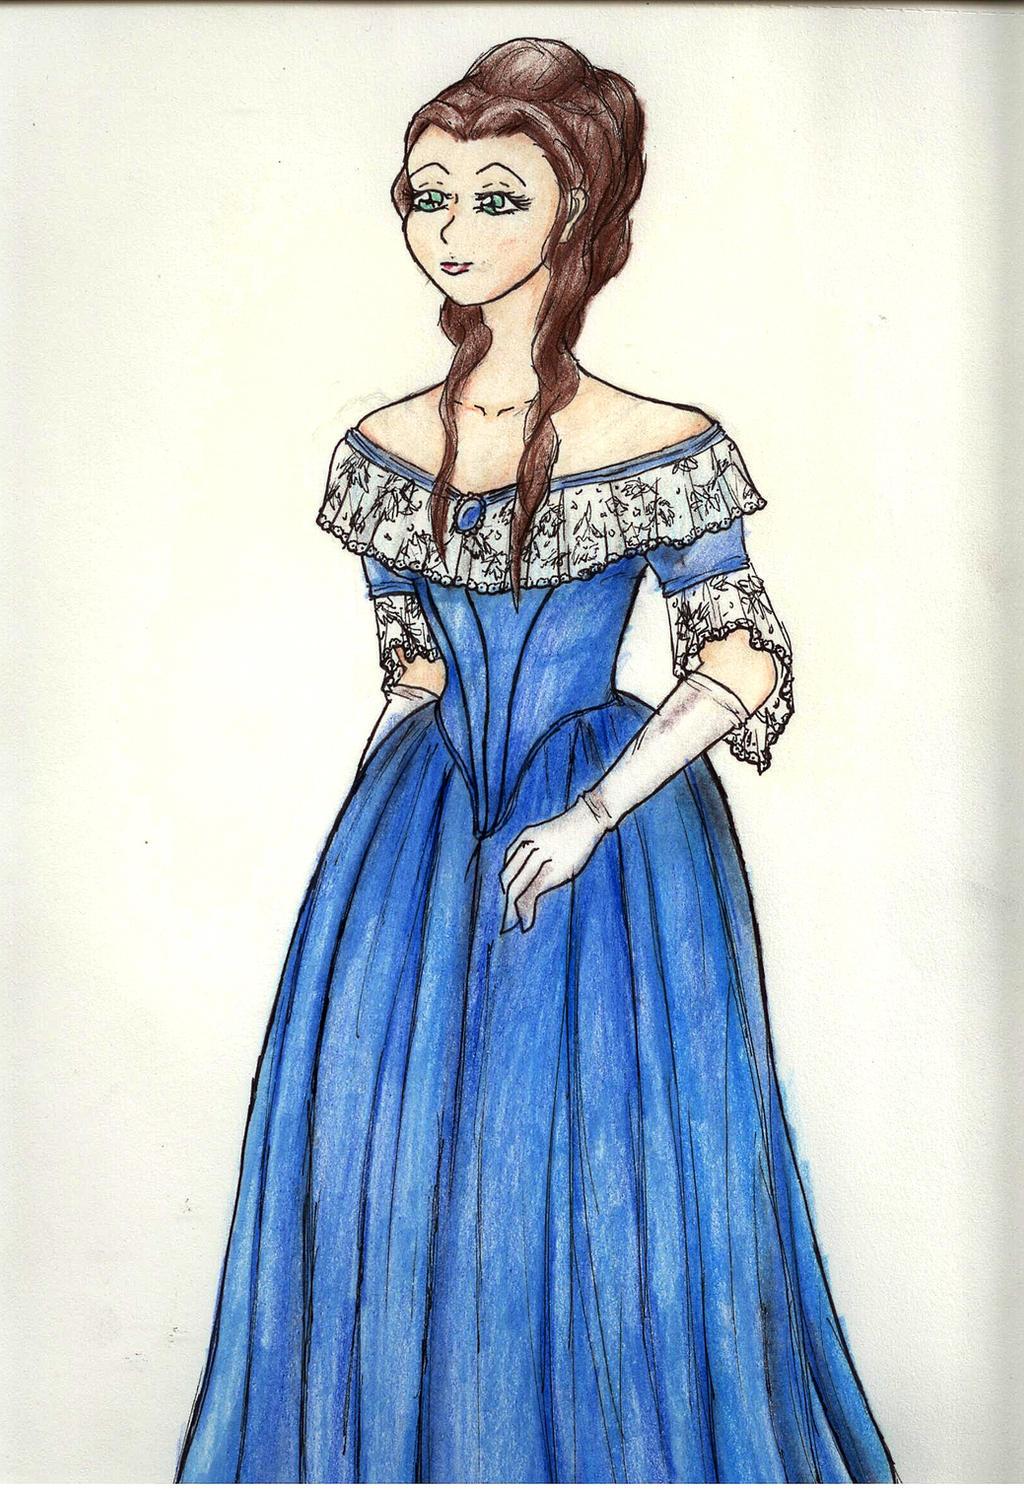 Victorian Era Dress by Saffir23 on DeviantArt